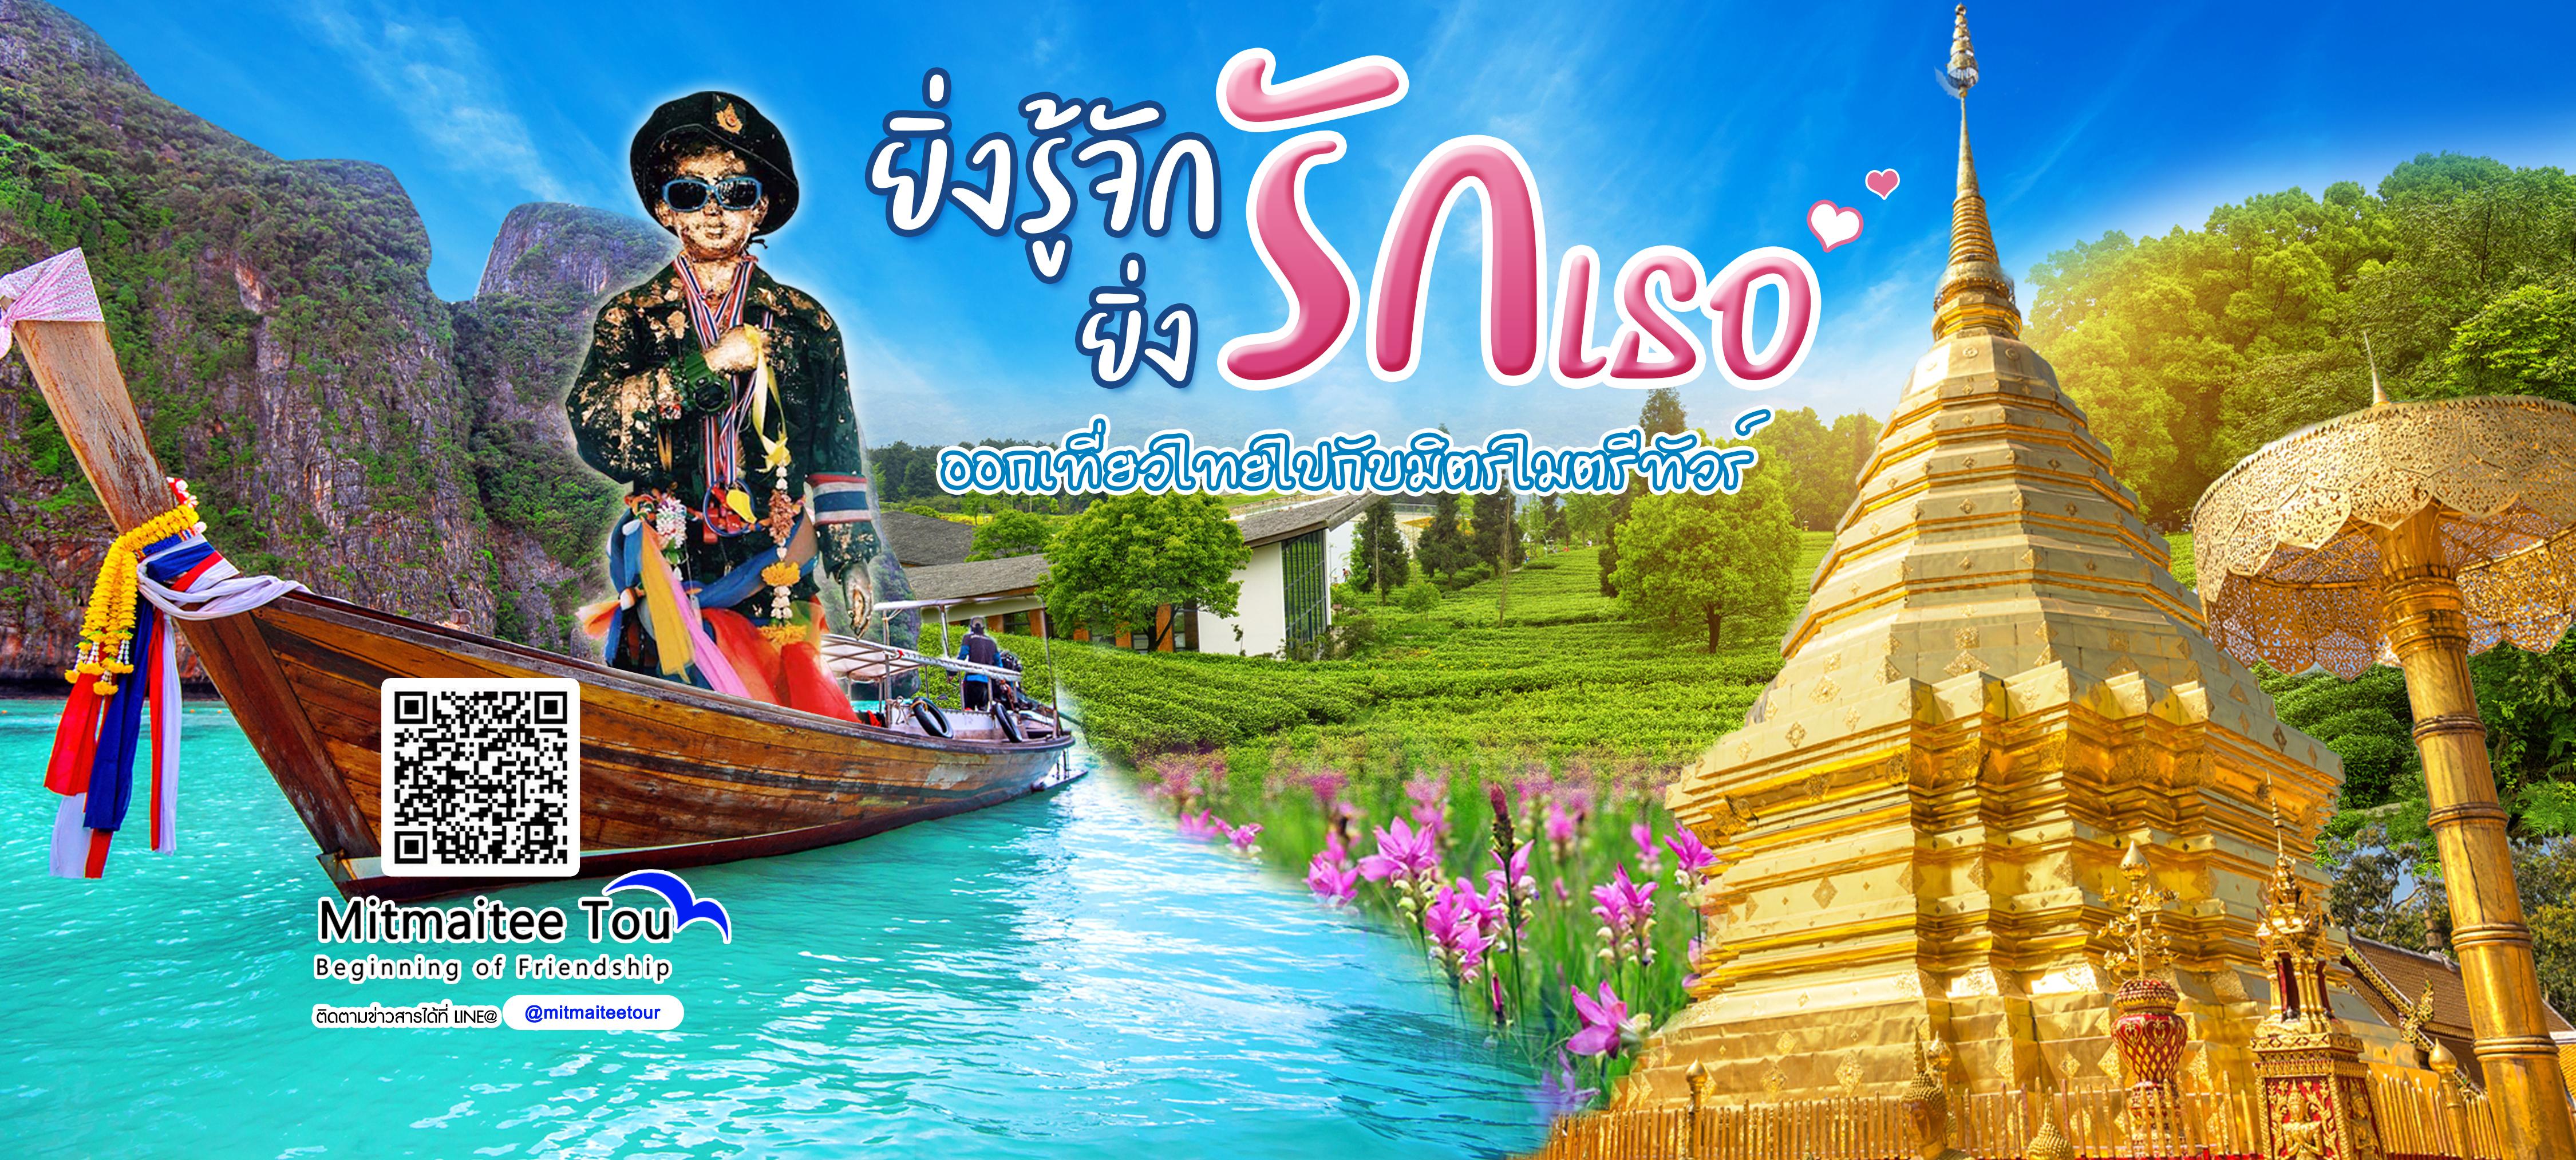 เที่ยวเมืองไทย ทัวร์ในประเทศ กับ มิตรไมตรีทัวร์